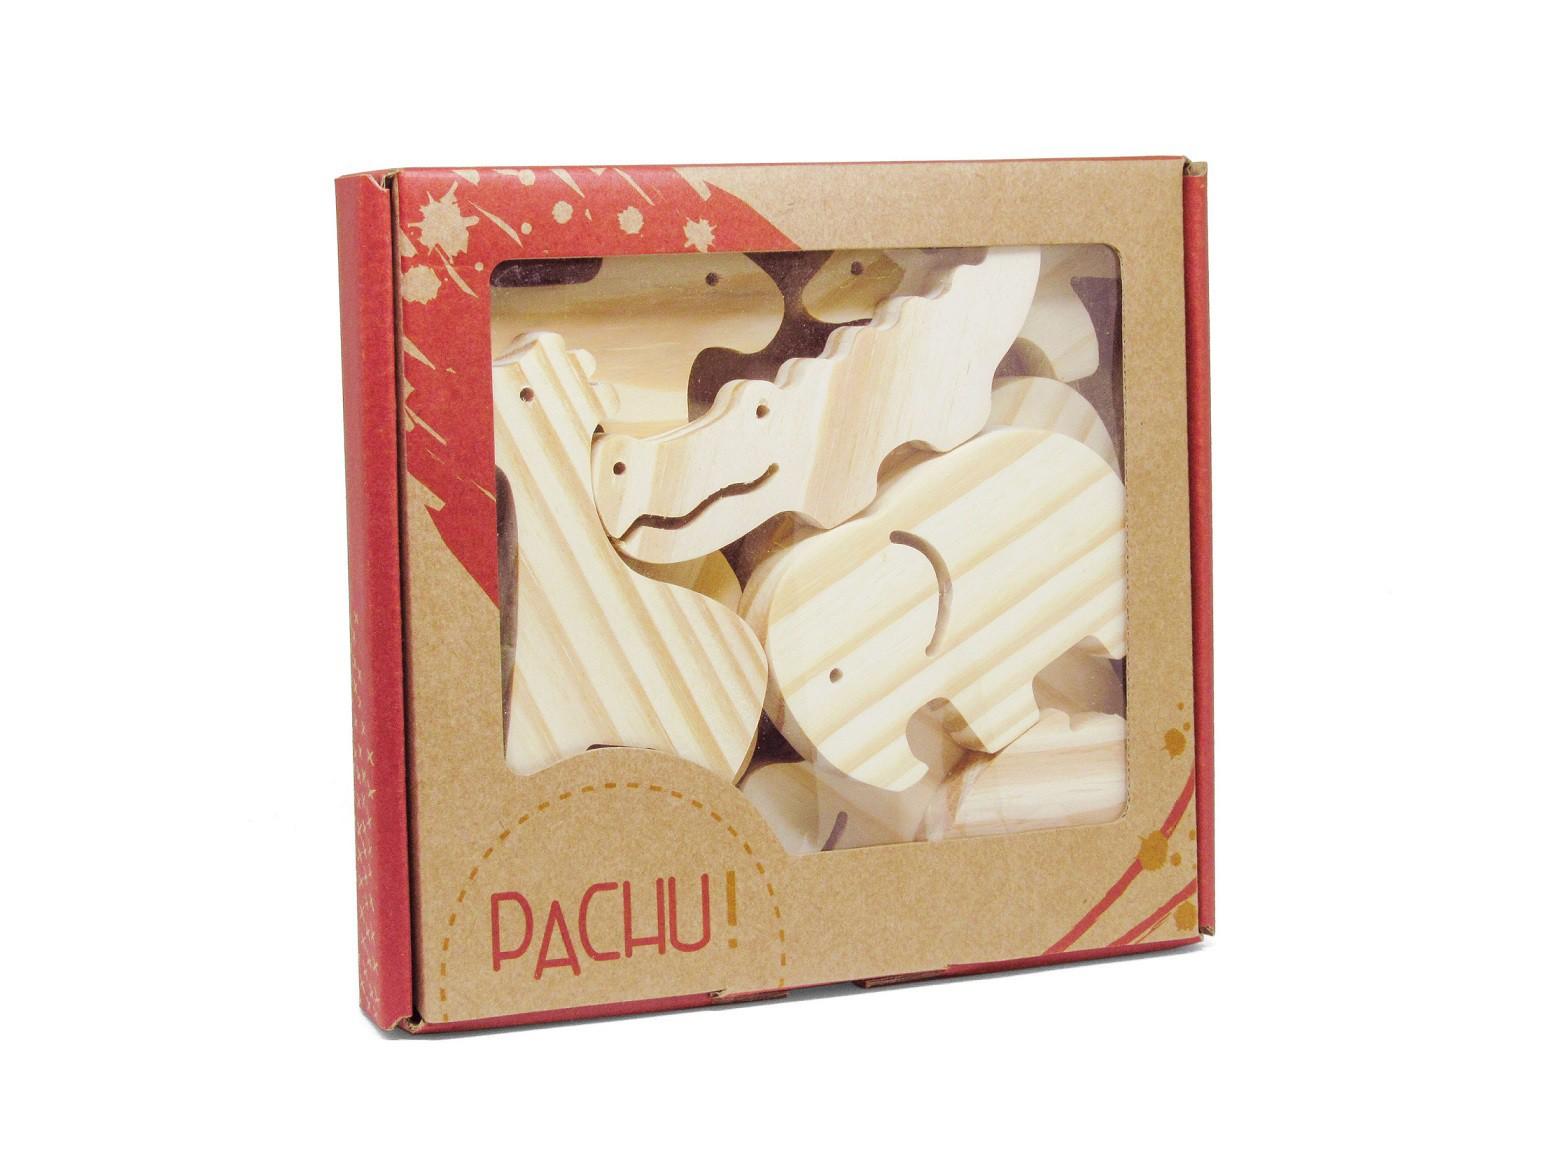 Brinquedo de madeira Kit Animais da Selva + Kit Pintura, da Pachu e Acrilex - Cód. P-07A